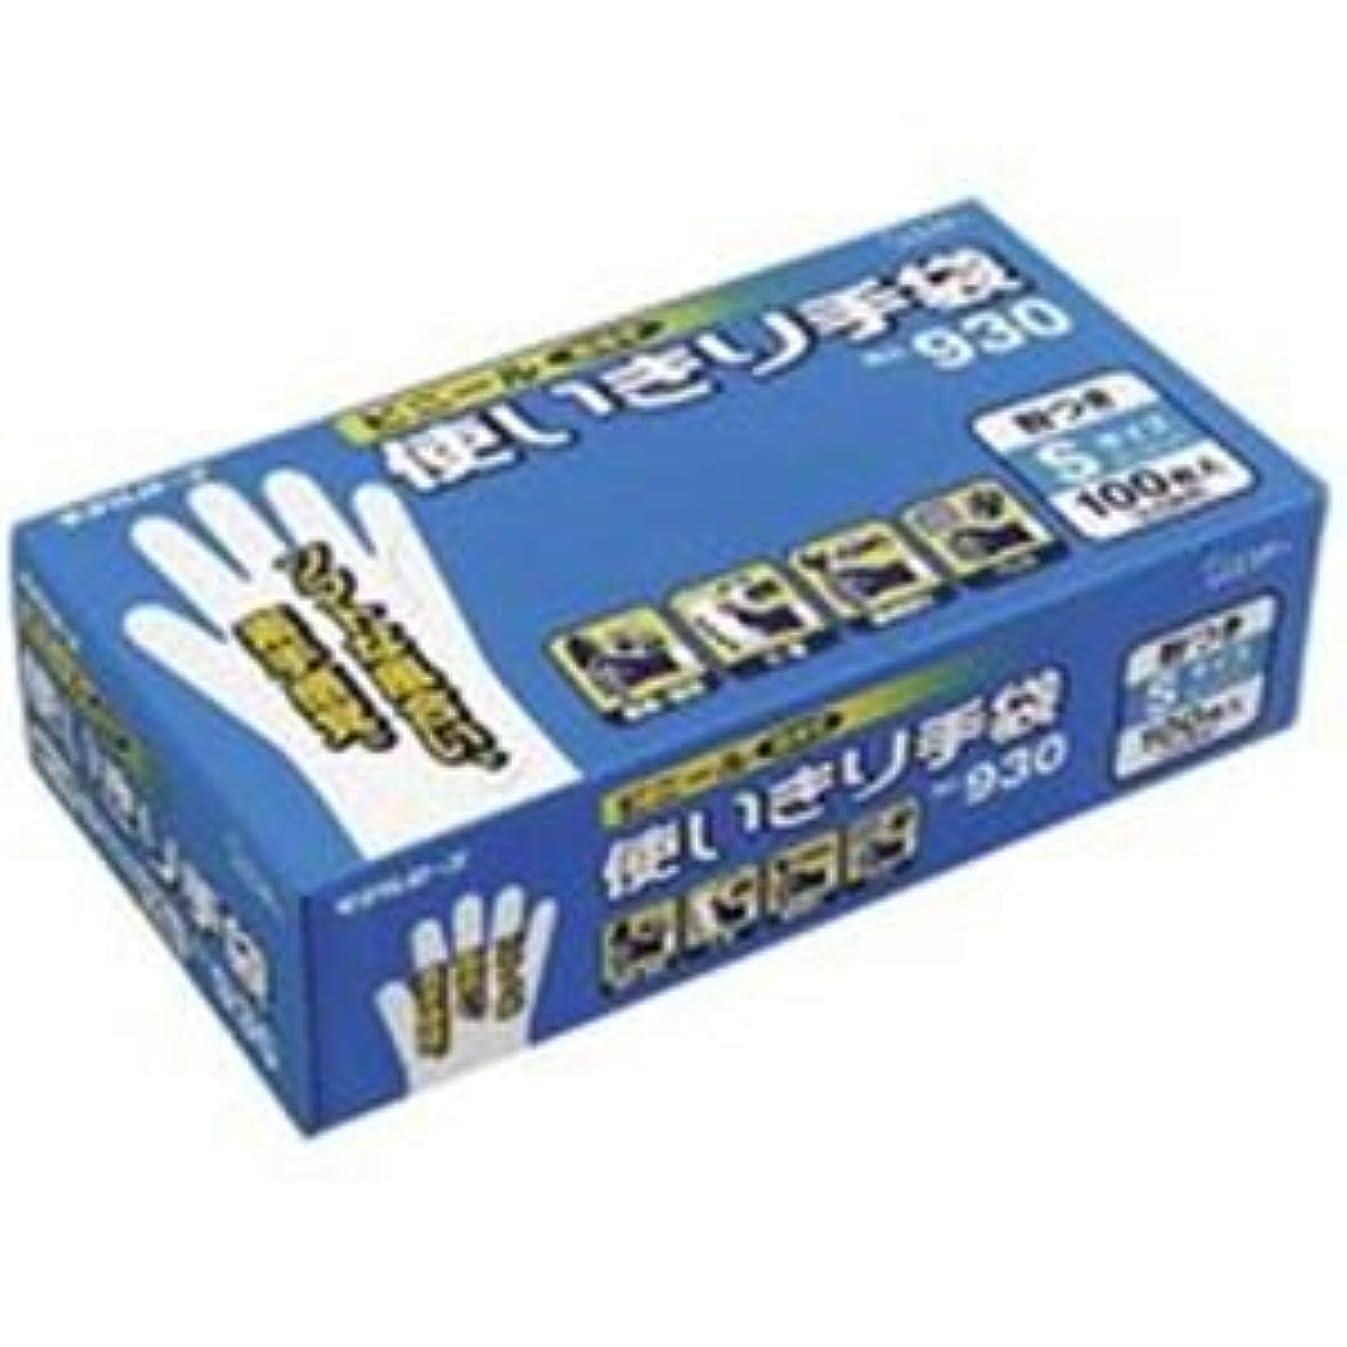 立法アラブサラボプロットエステー ビニール使い捨て手袋/作業用手袋 [No.930/S 12箱]